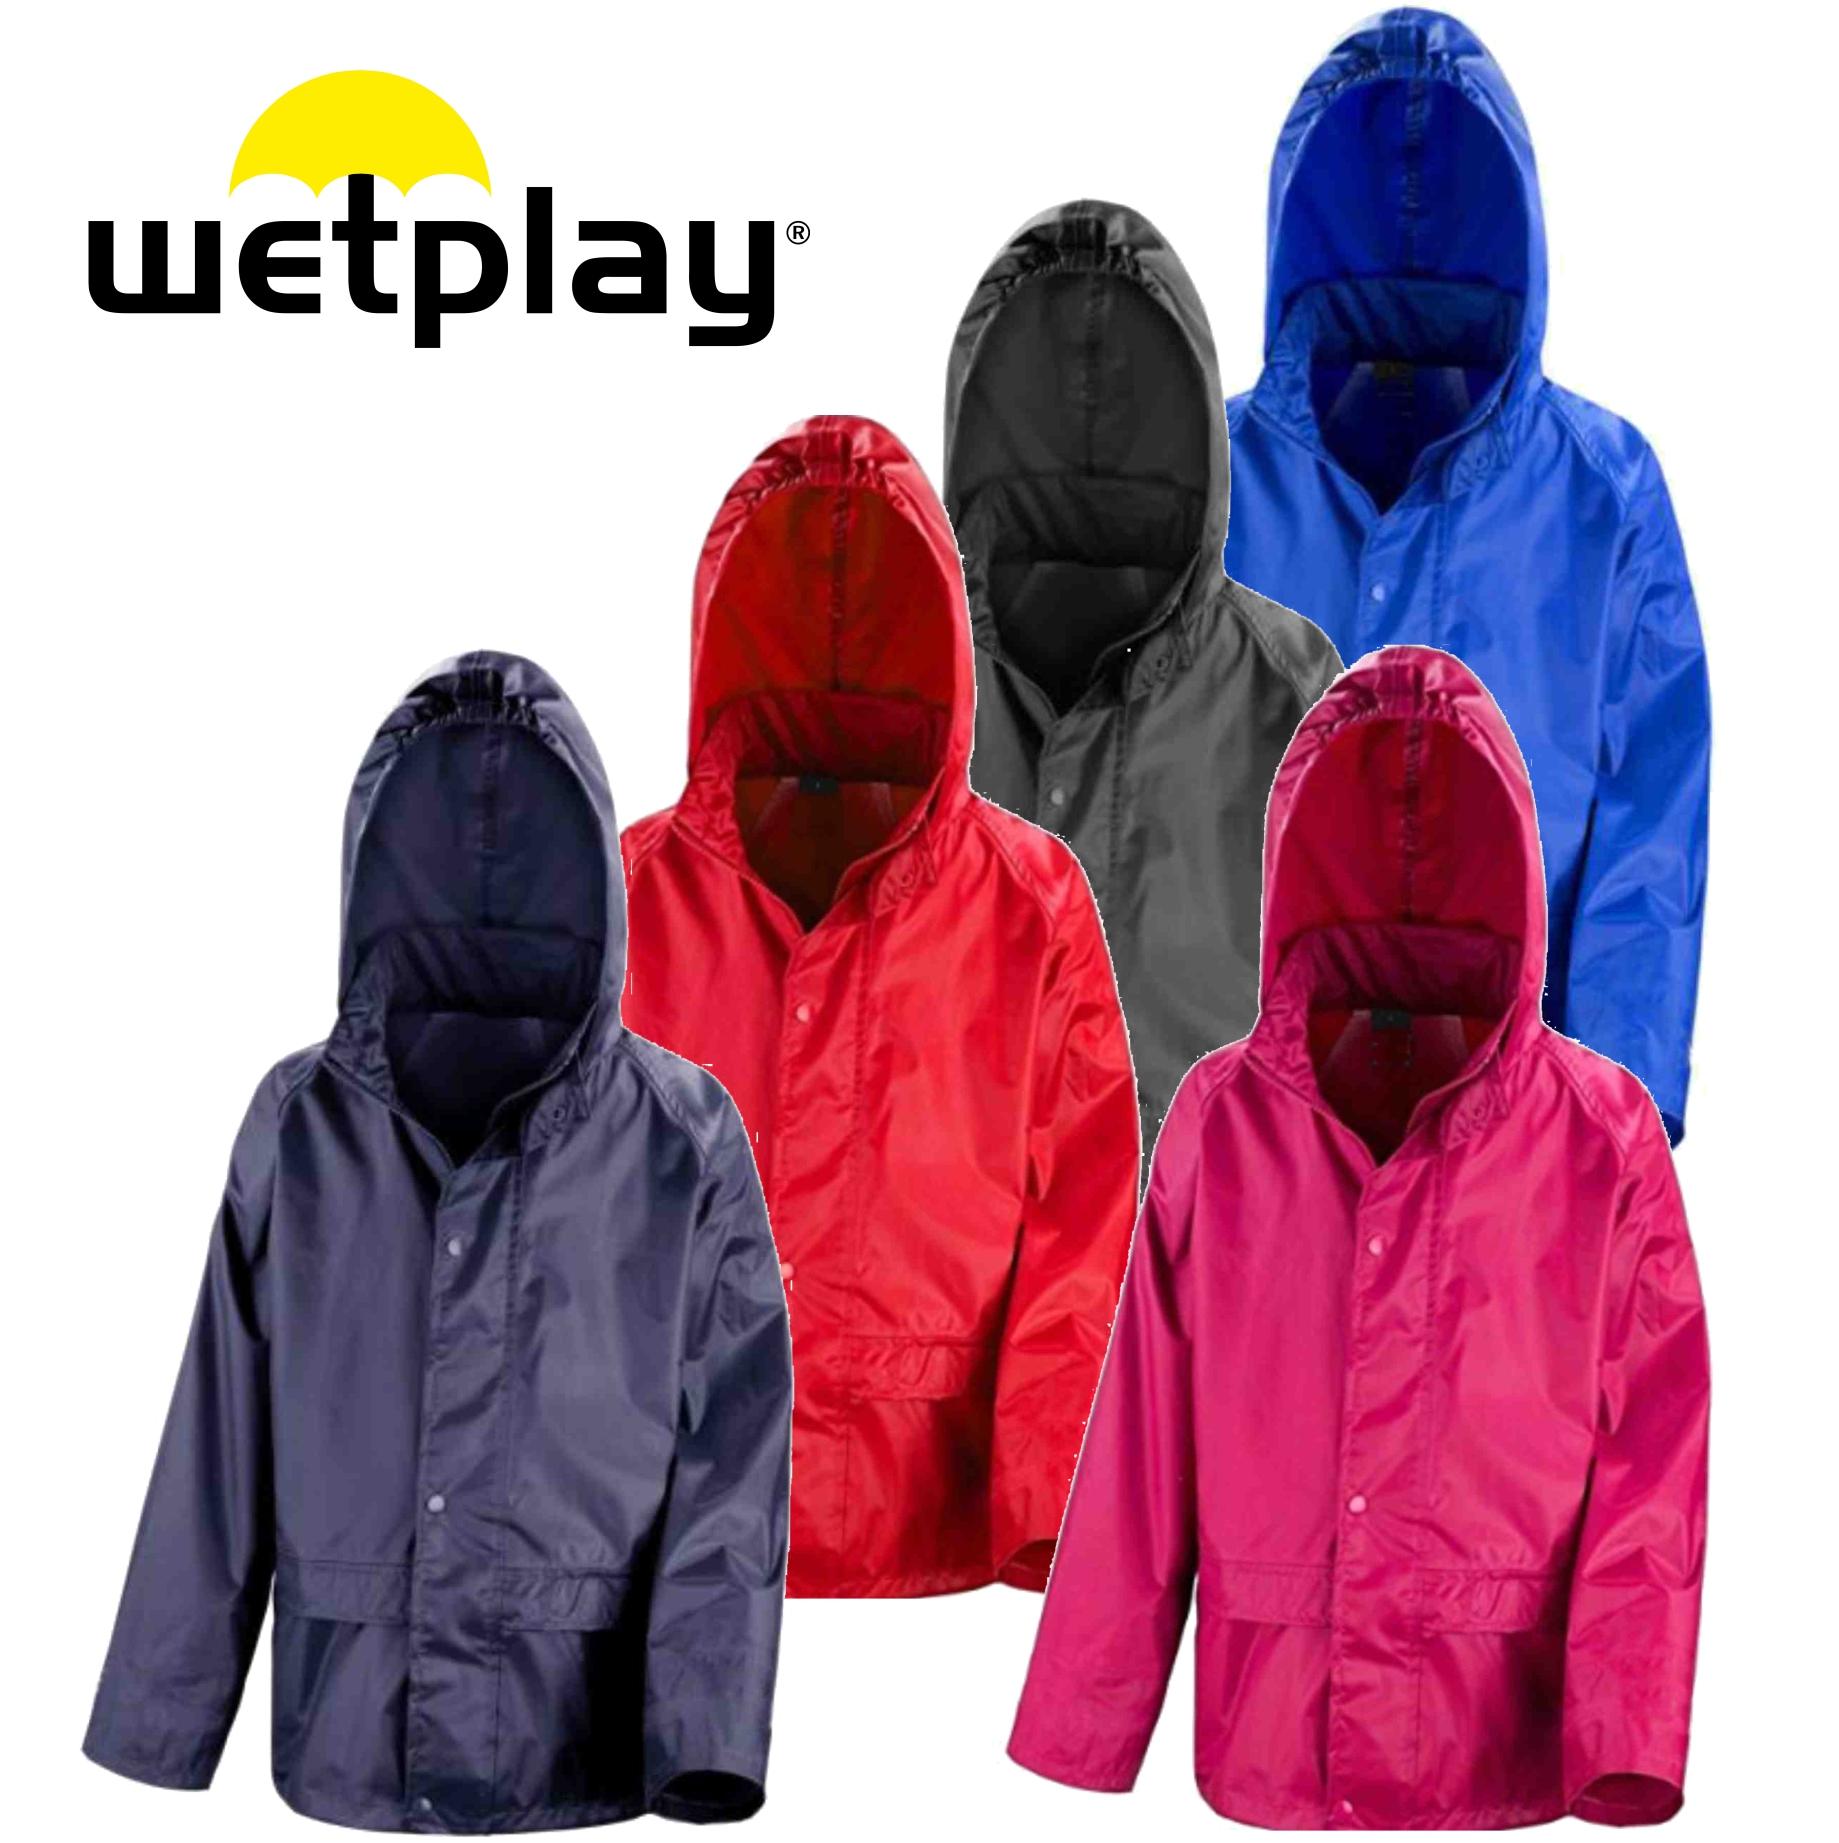 Wetplay Waterproof Jacket - £8.95